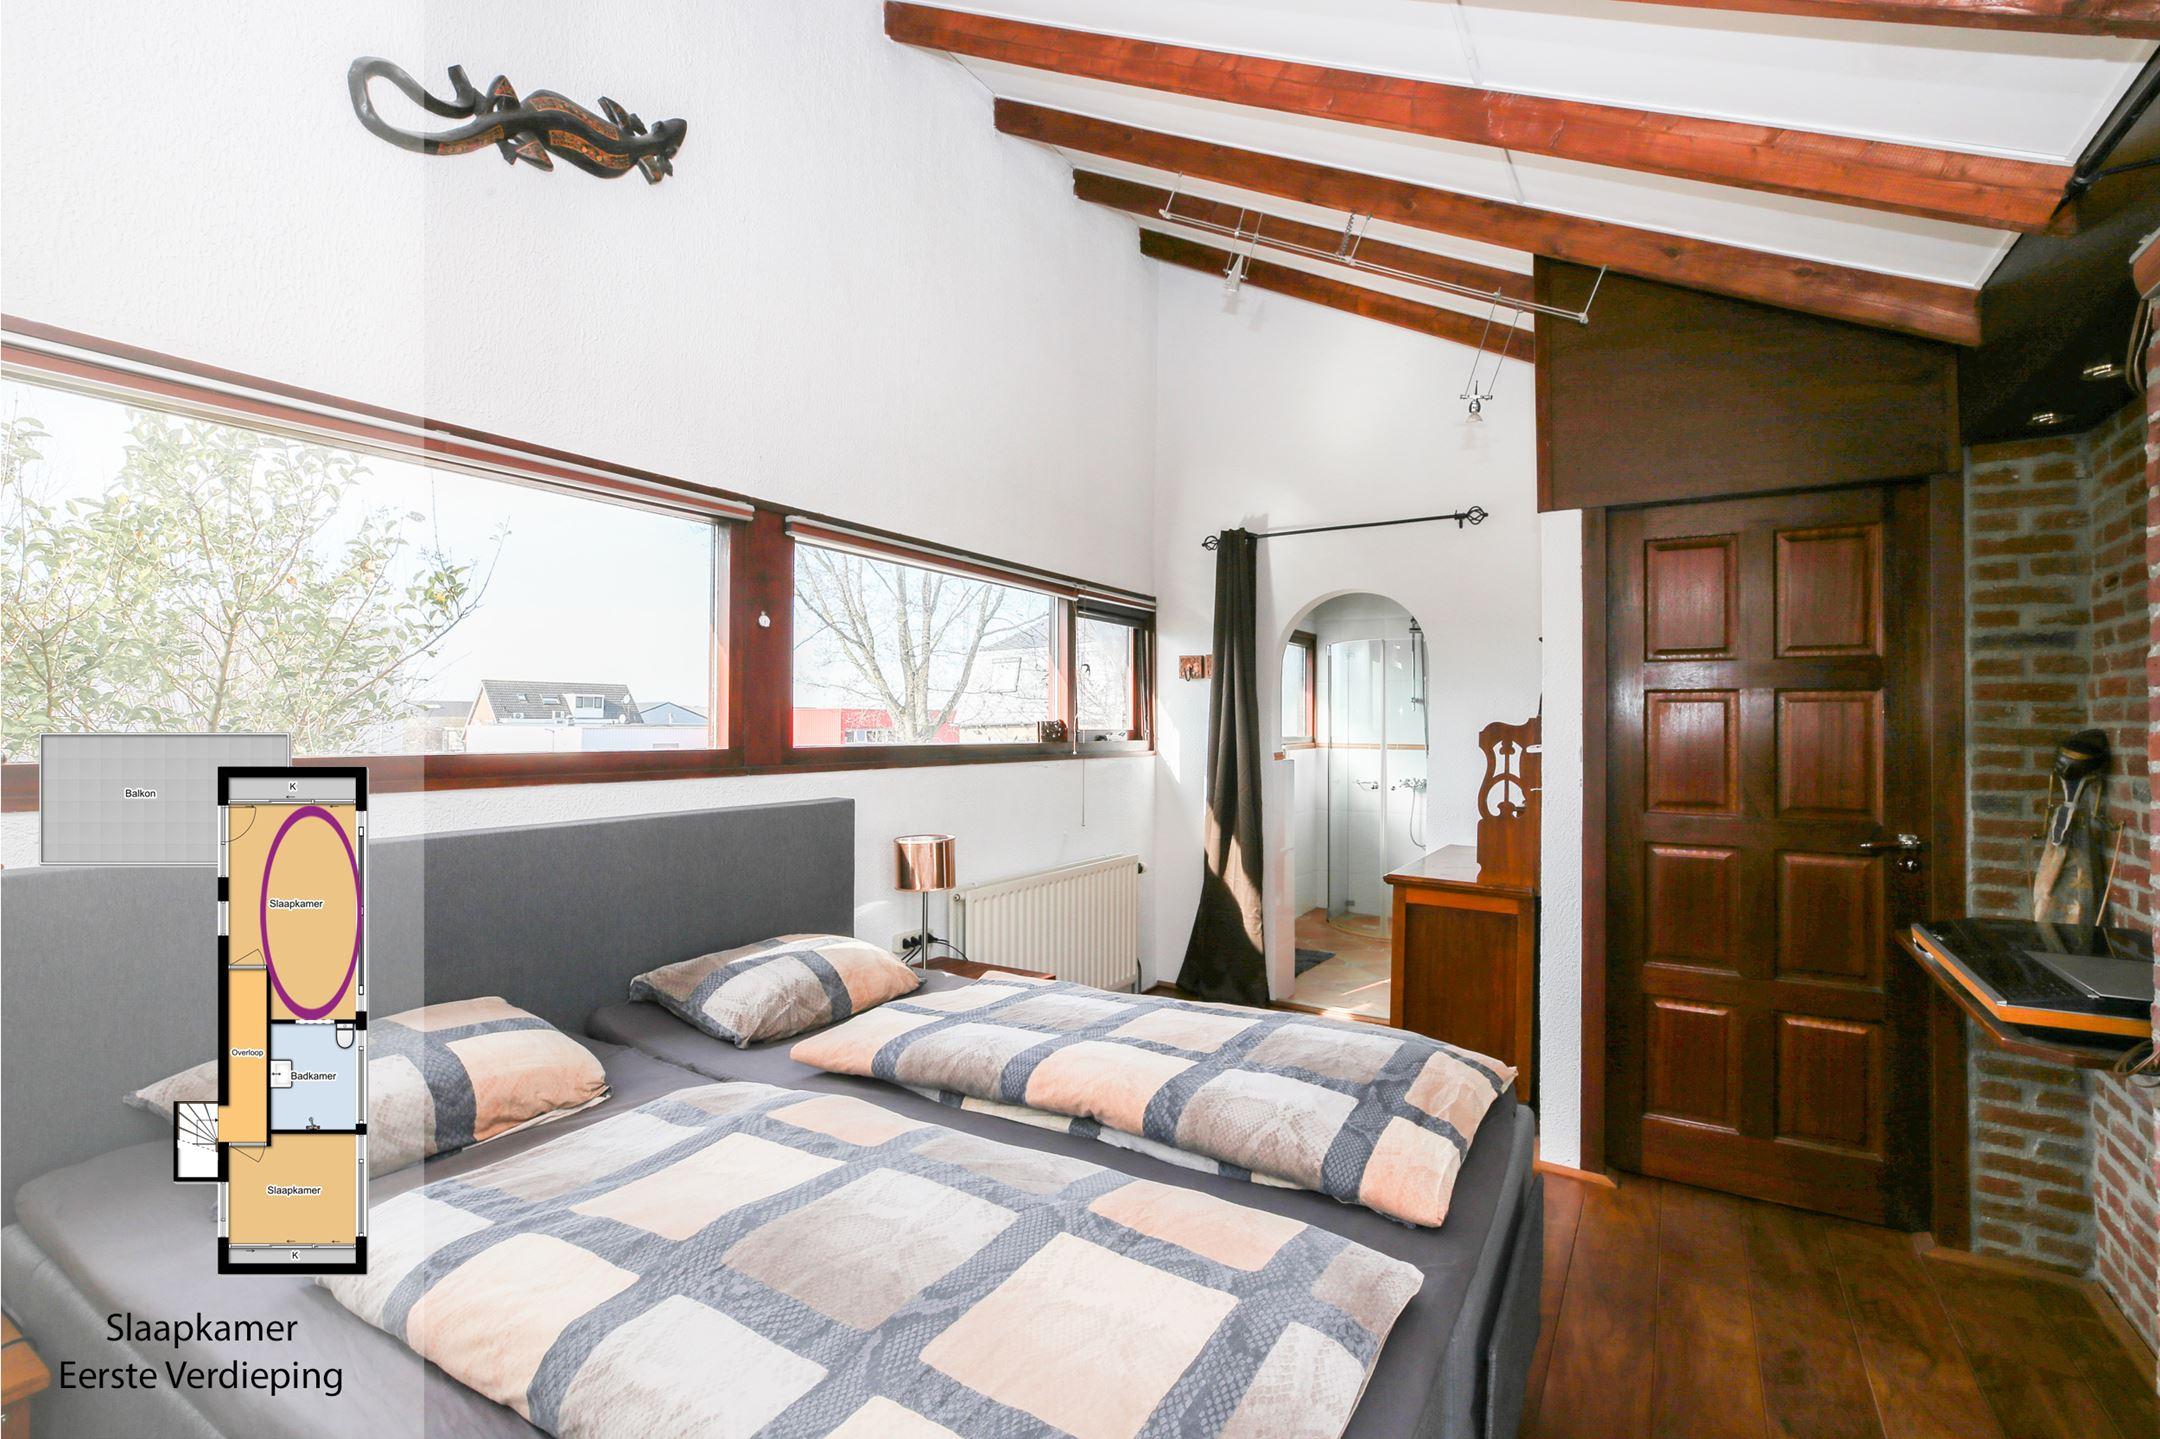 Huis te koop oud bonaventurasedijk cl strijen funda